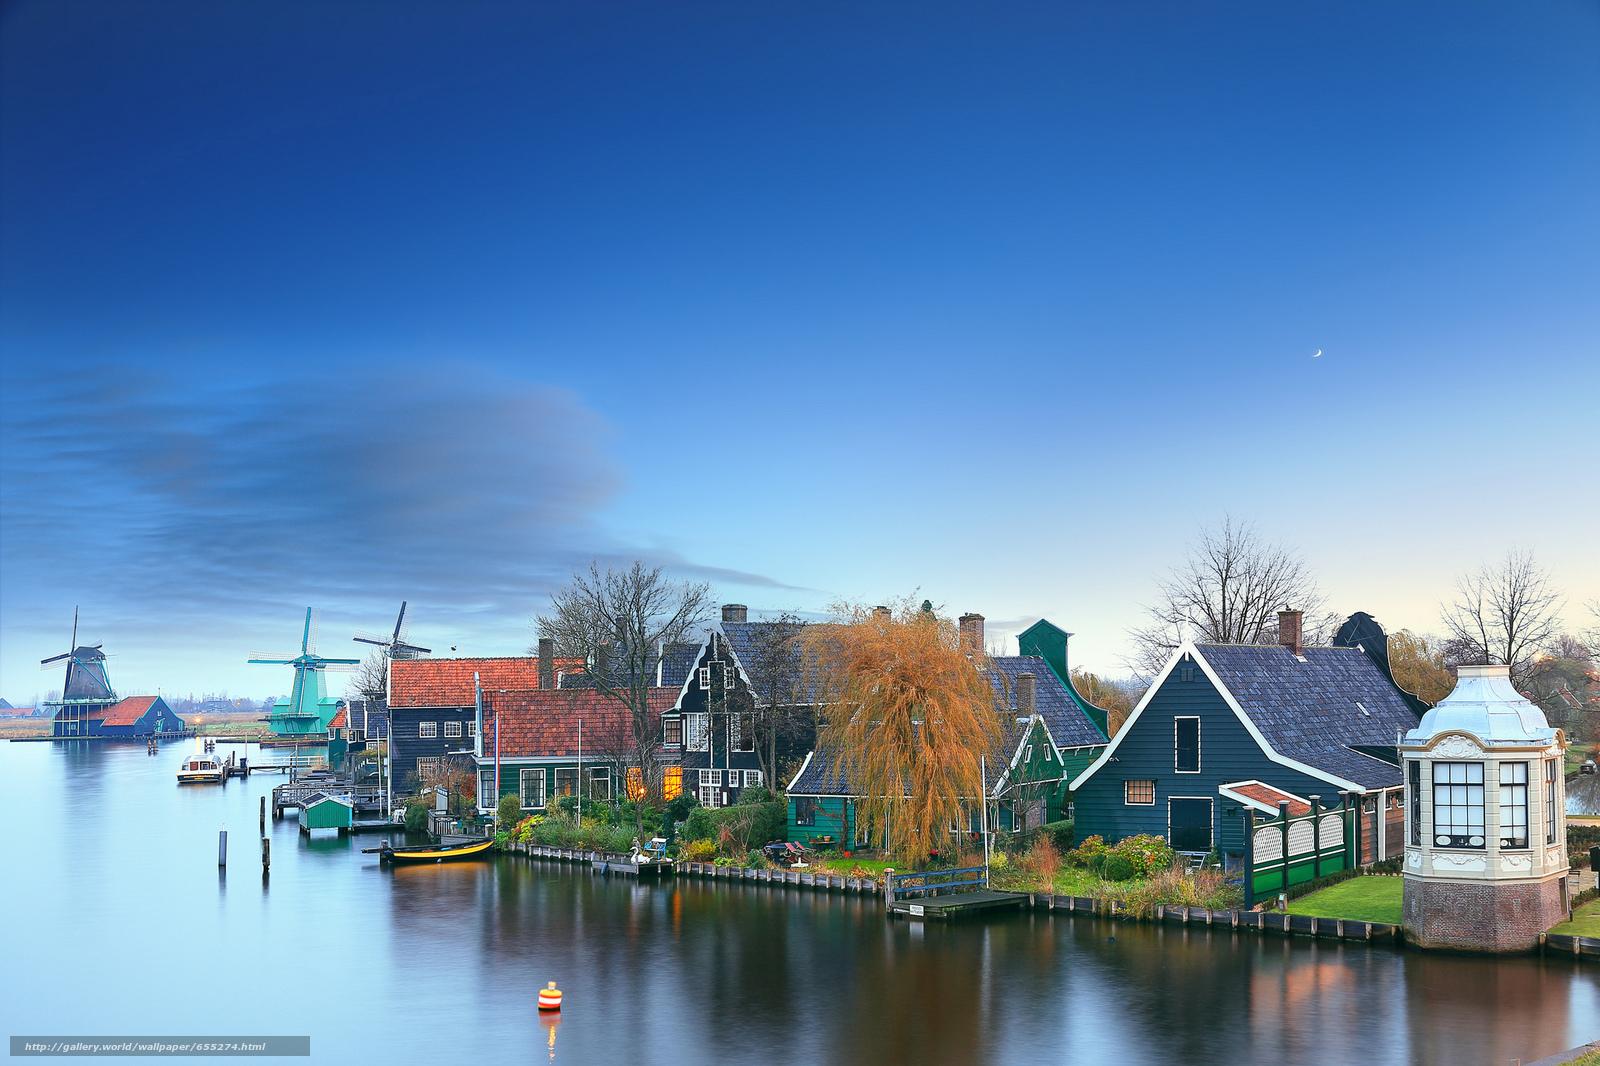 Скачать обои Zaanschans - Нидерланды,  Amsterdam,  Netherlands,  закат бесплатно для рабочего стола в разрешении 2048x1365 — картинка №655274